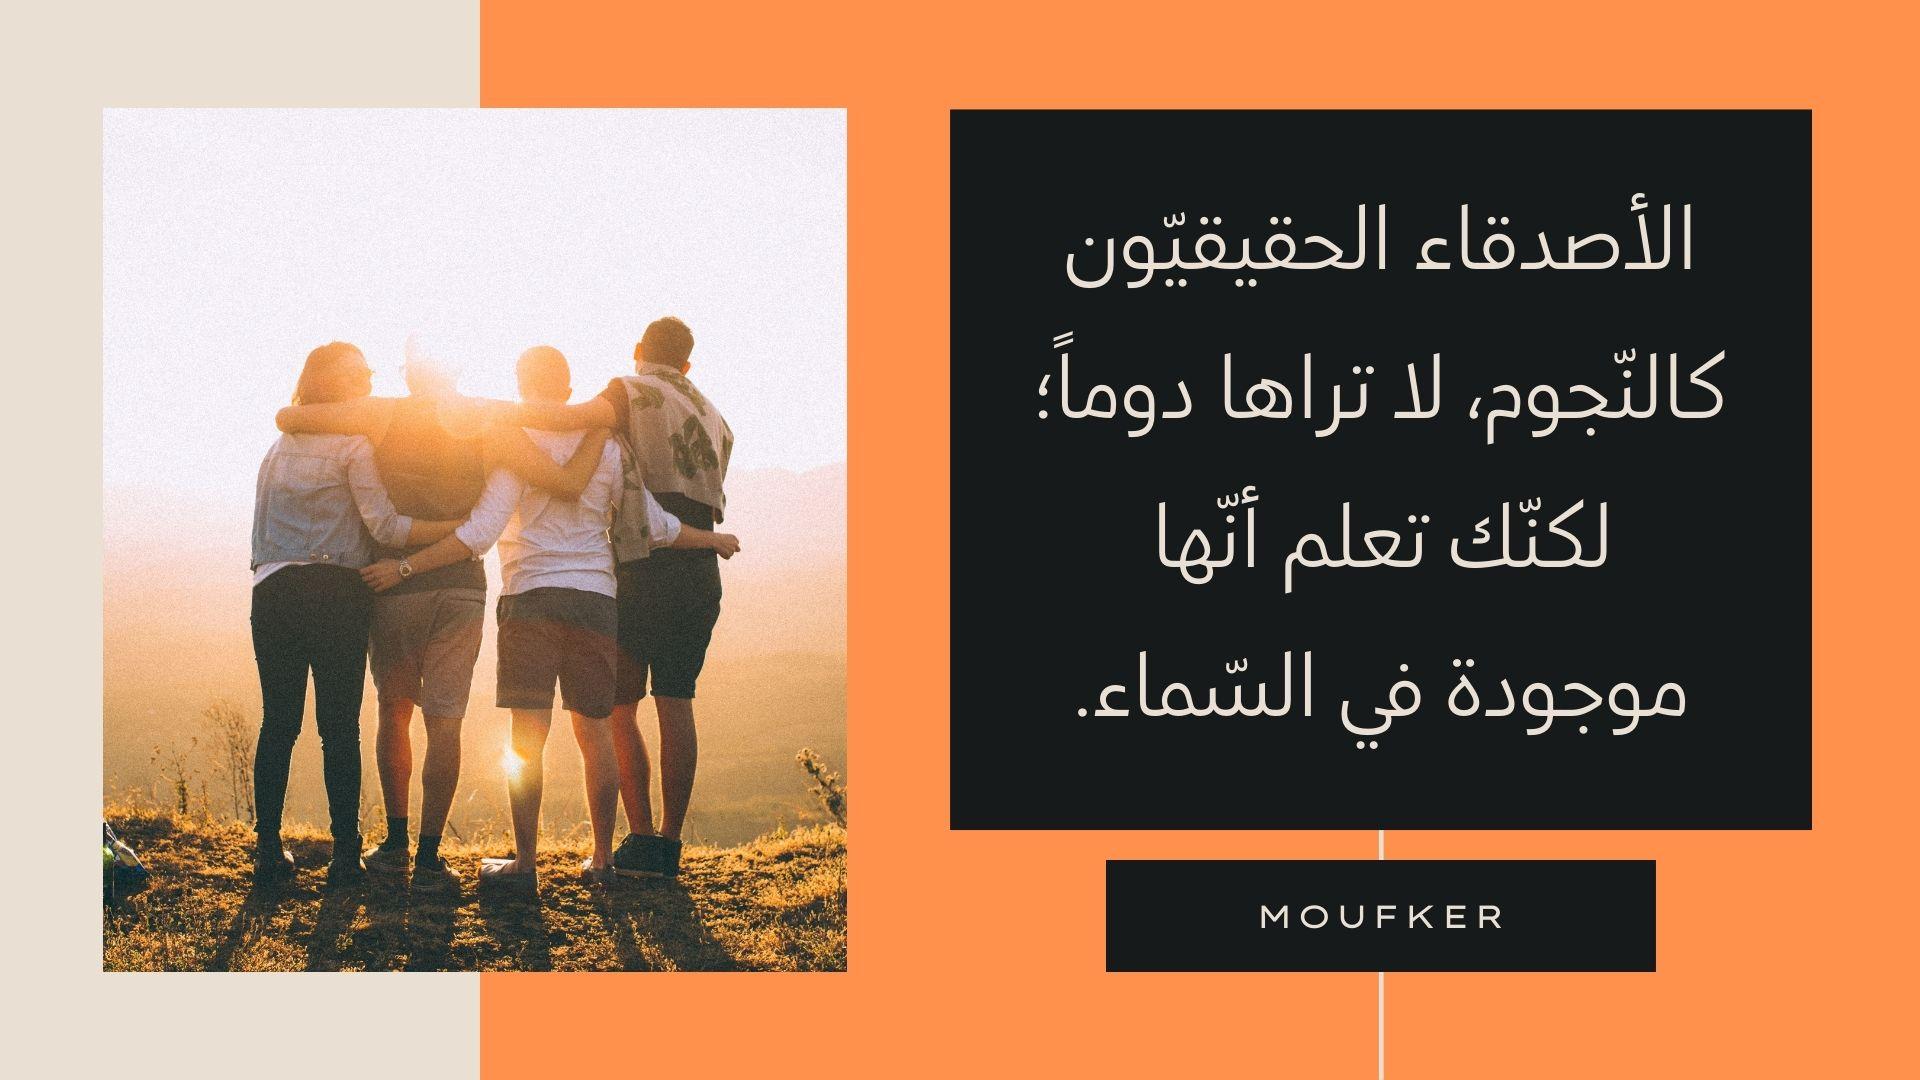 الأصدقاء الحقيقيّون كالنّجوم، لا تراها دوماً؛ لكنّك تعلم أنّها موجودة في السّماء.